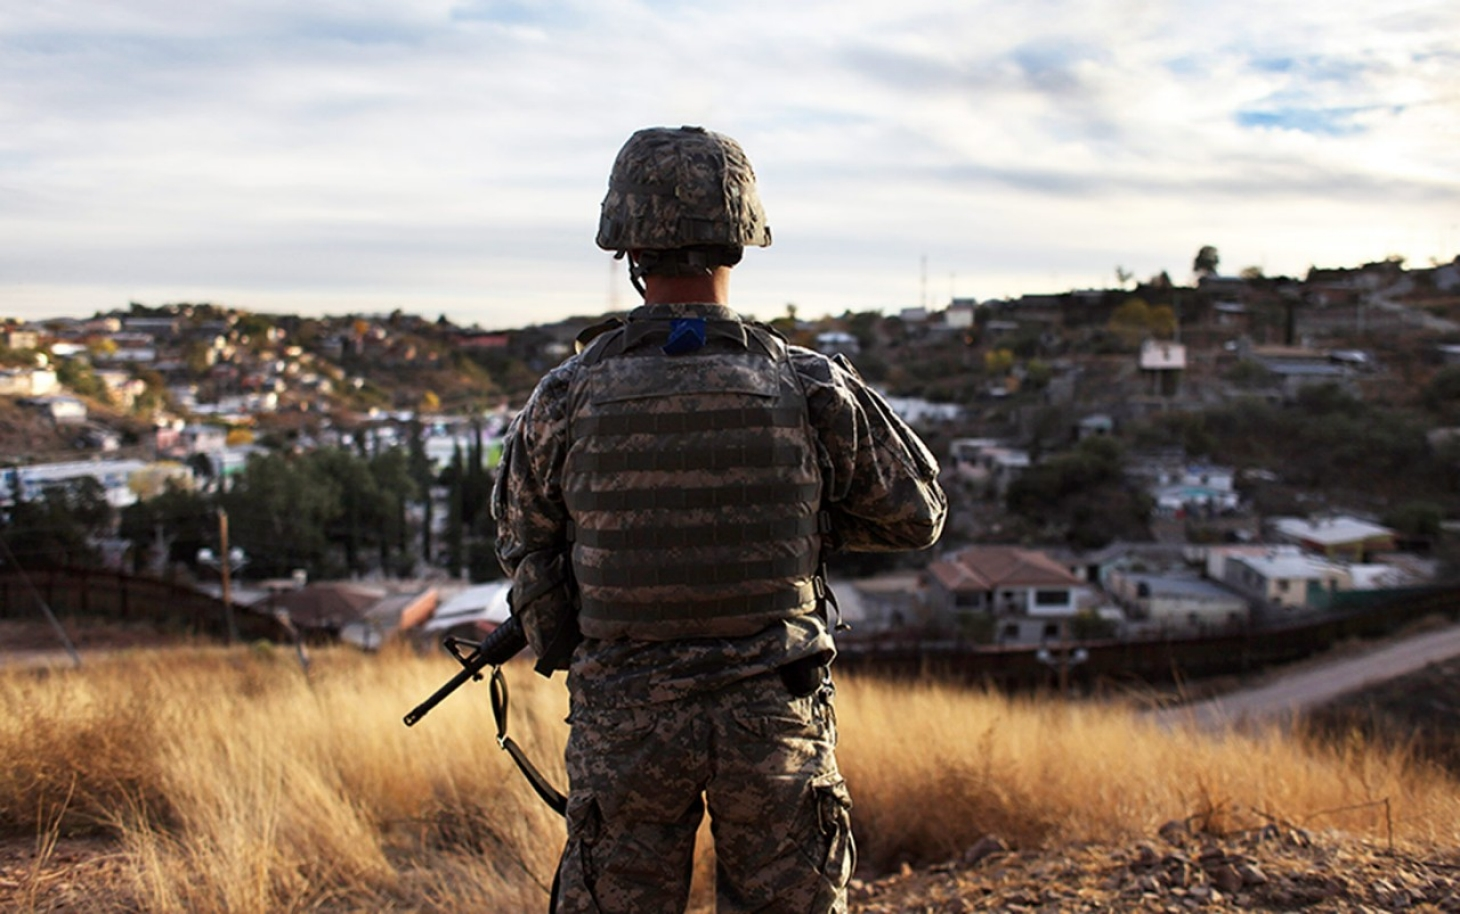 Сотрцдник пограничных служб убил мексиканского мальчика. Фото: america.aljazeera.com